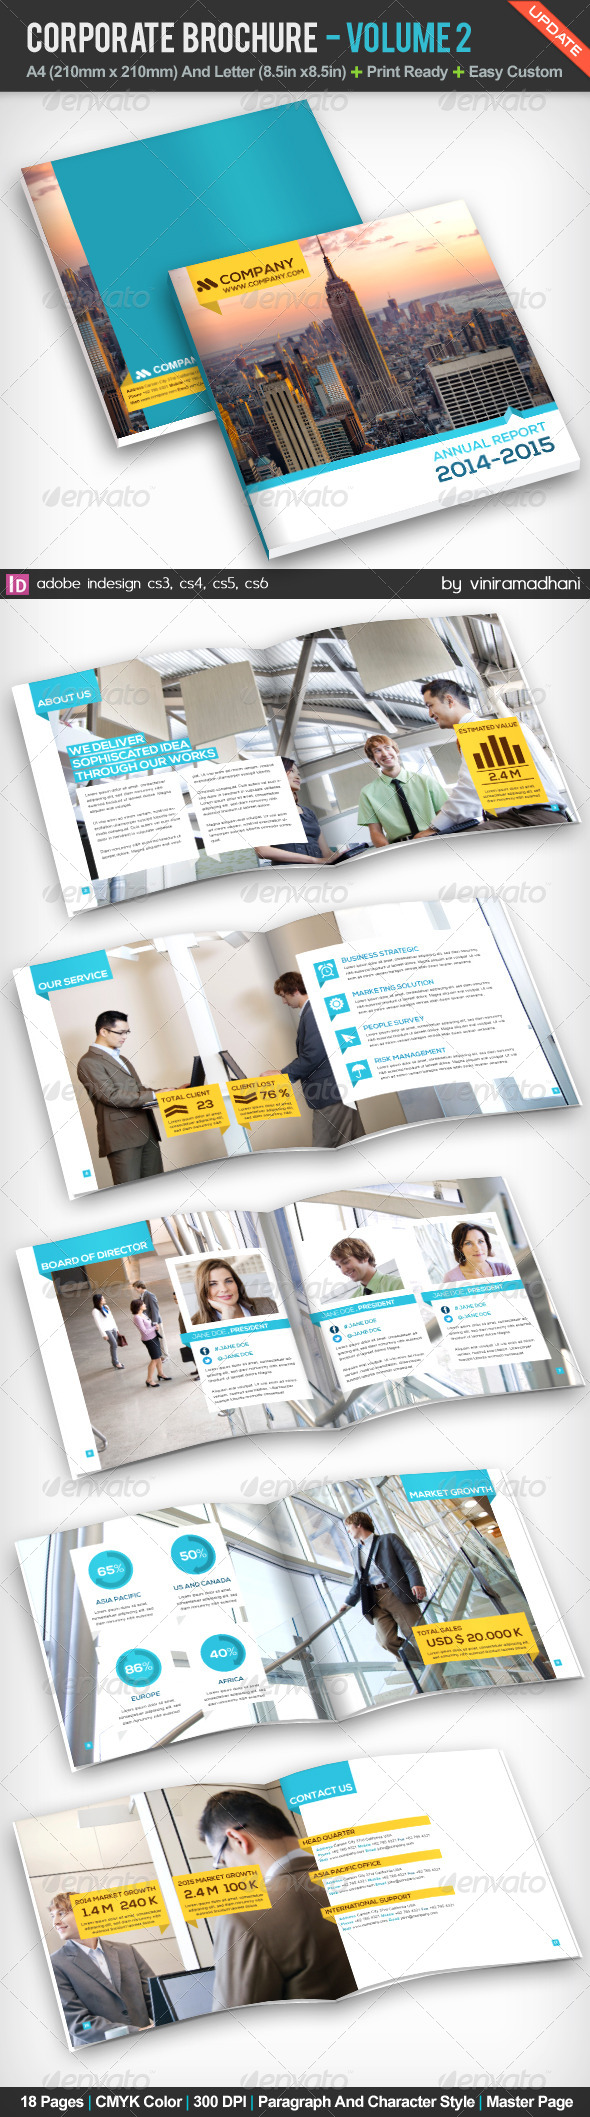 GraphicRiver Corporate Brochure Volume 2 5232767